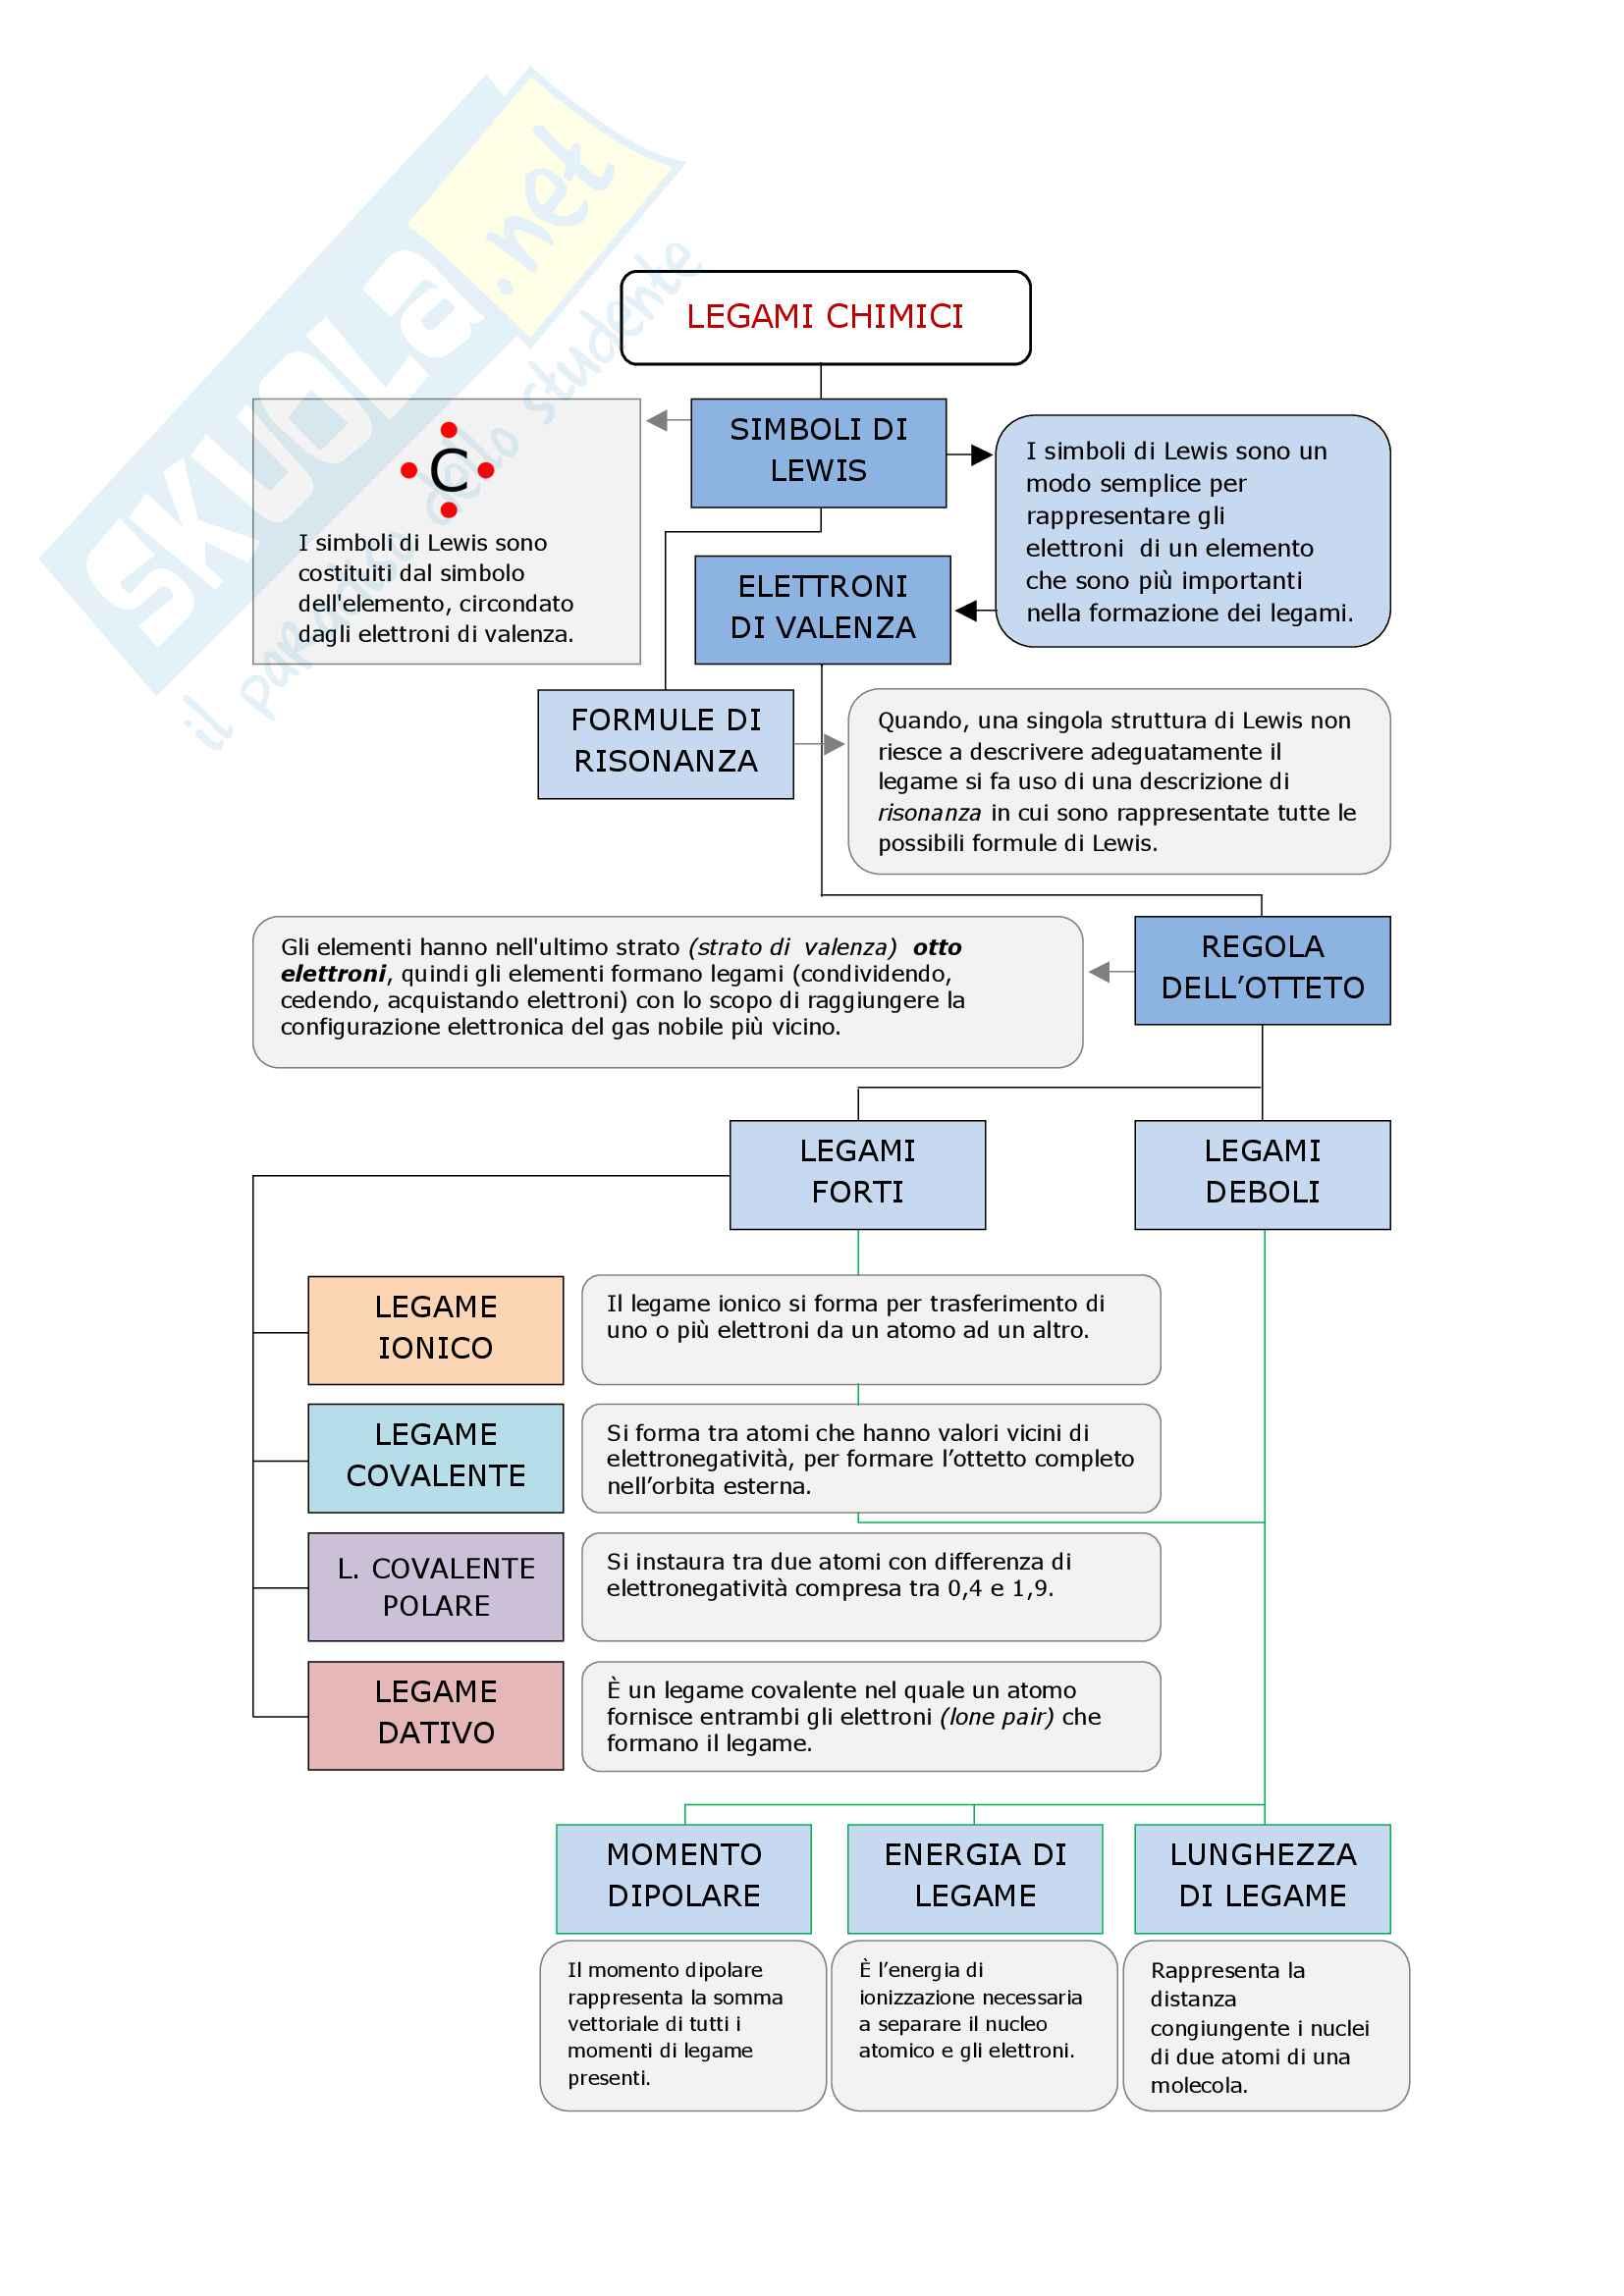 Legami chimici - mappa concettuale Chimica